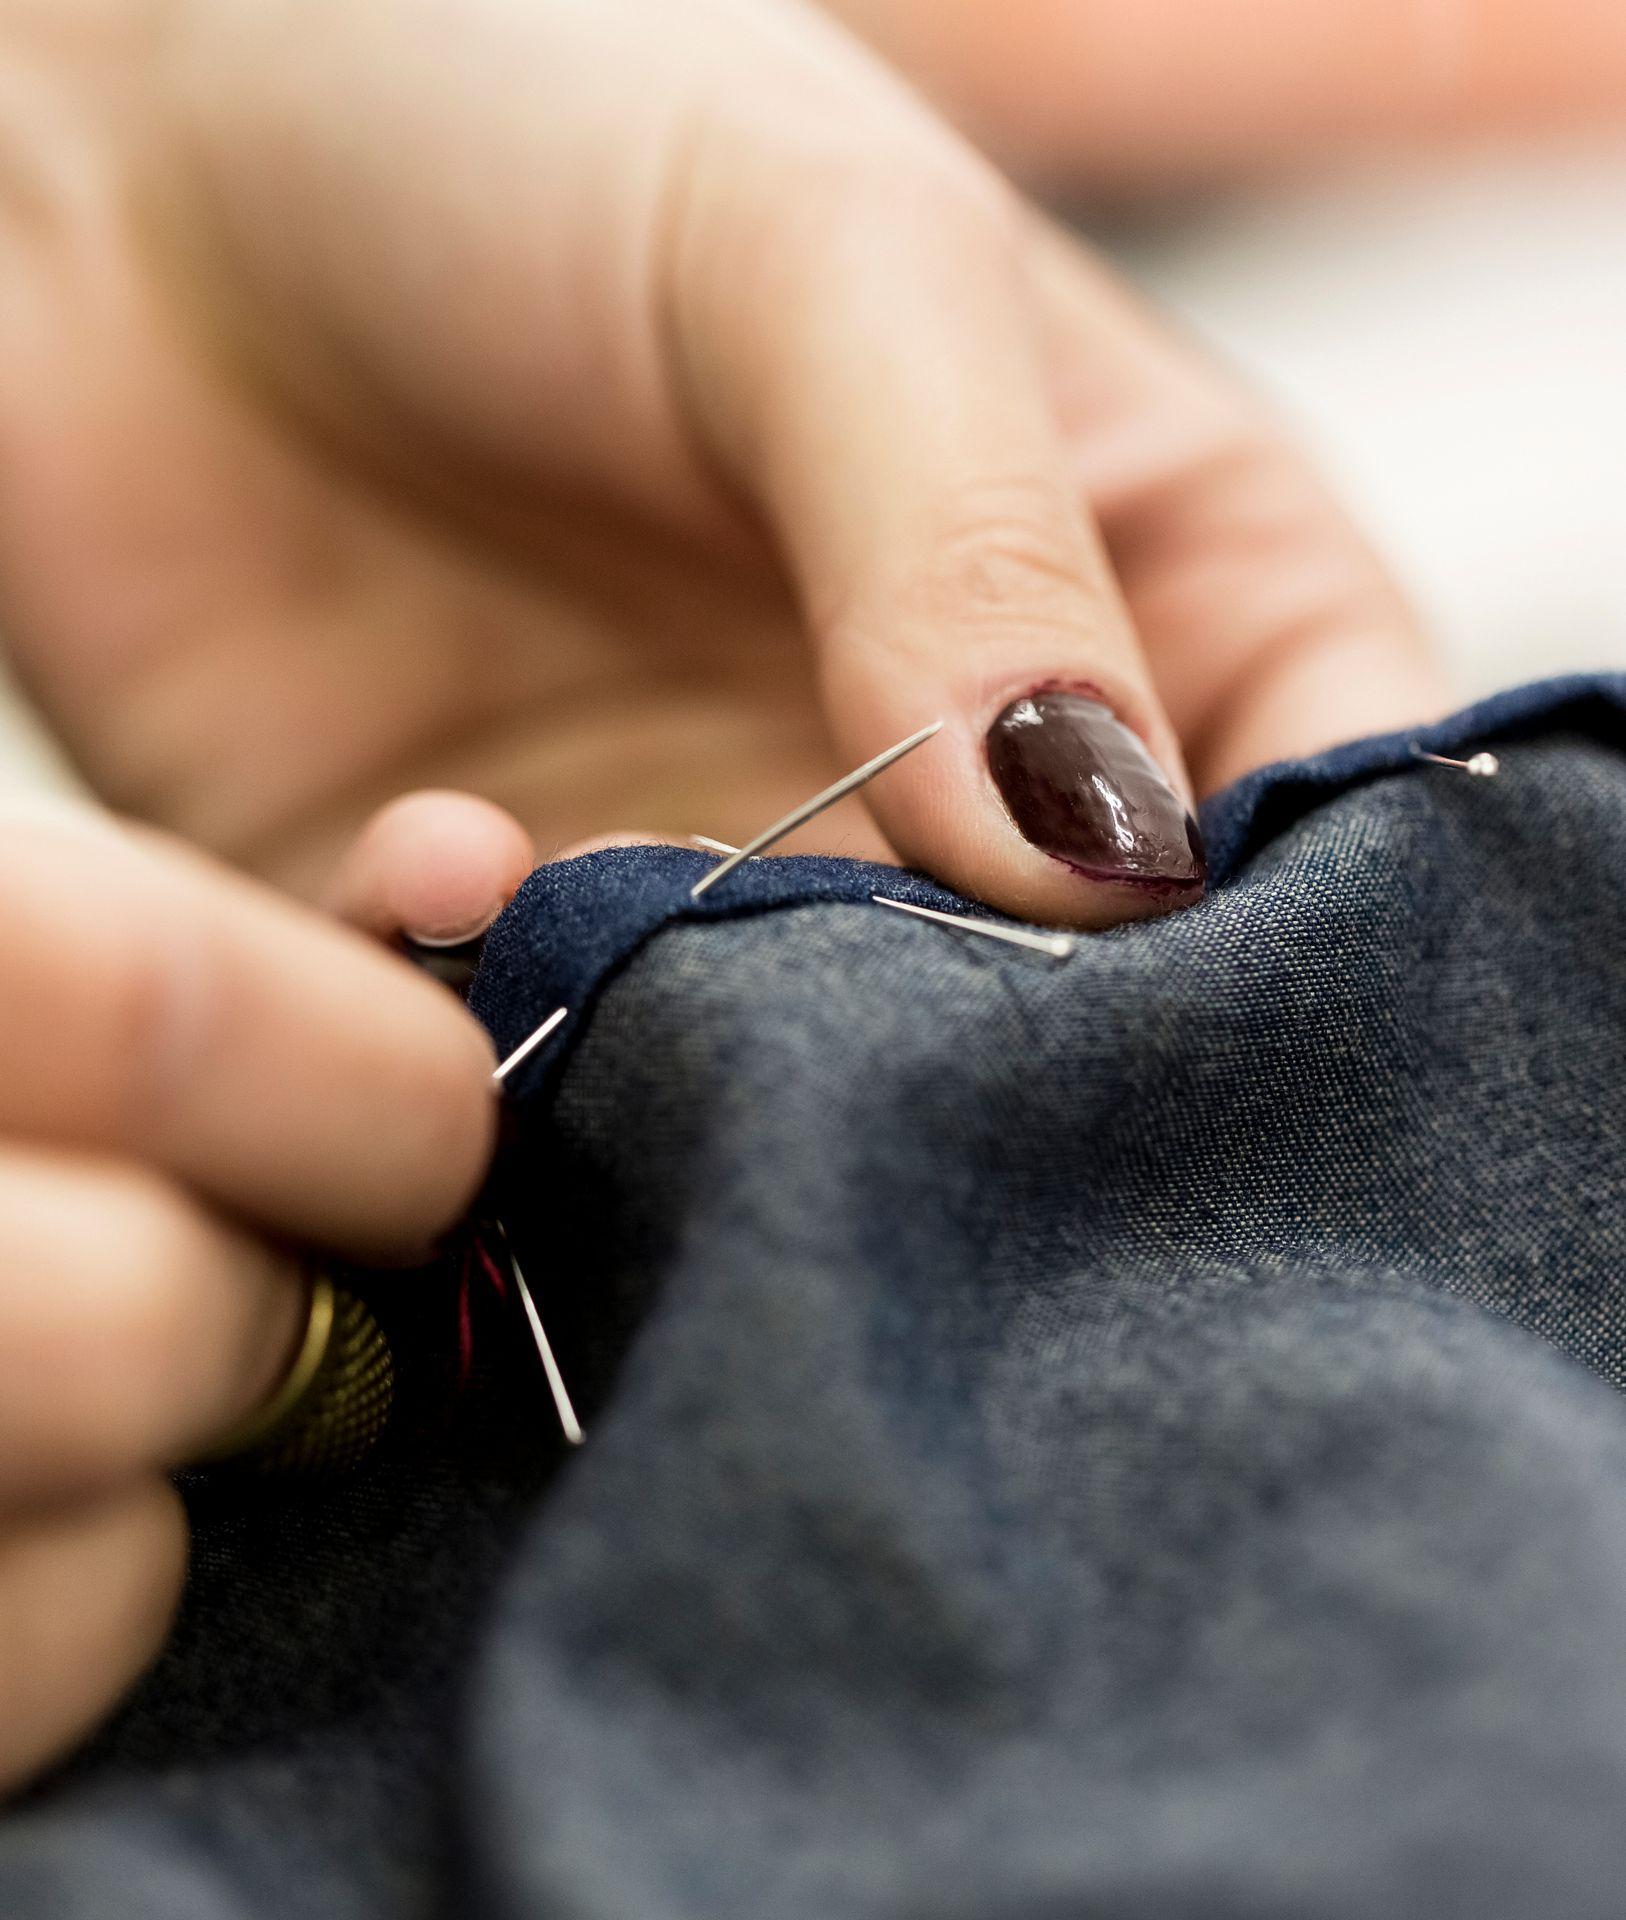 repairing clothes